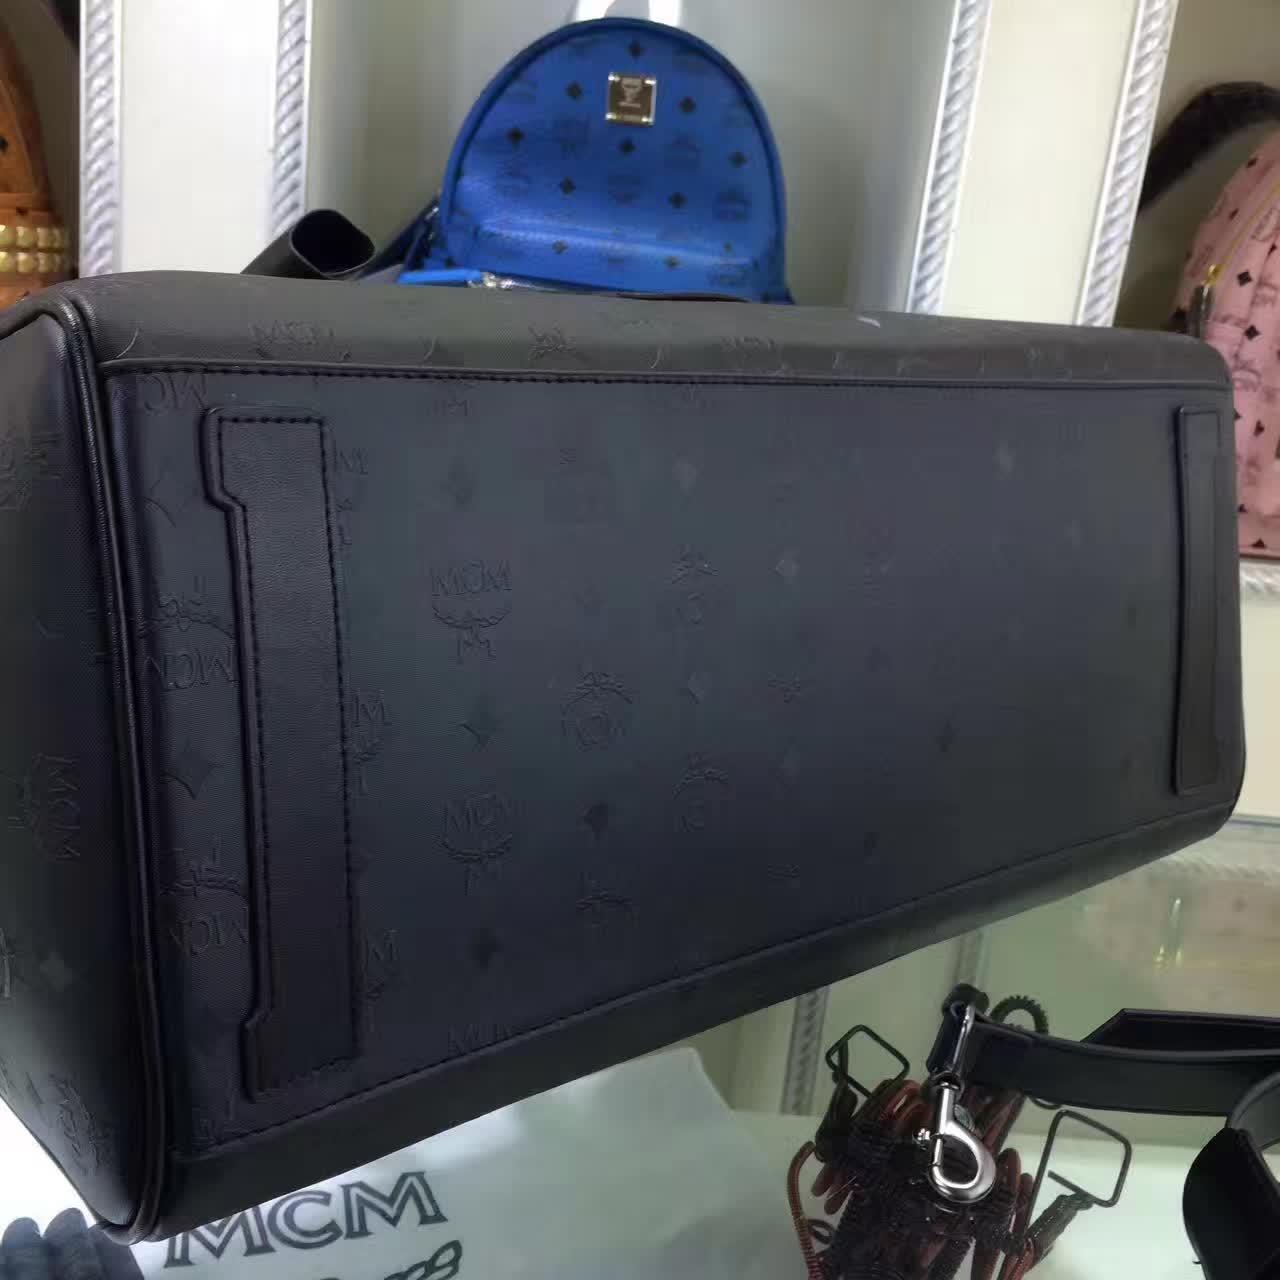 MCM男包 Nomad系列旅行袋 PVC配牛皮内里猪皮 铜牌独立编码 黑胶